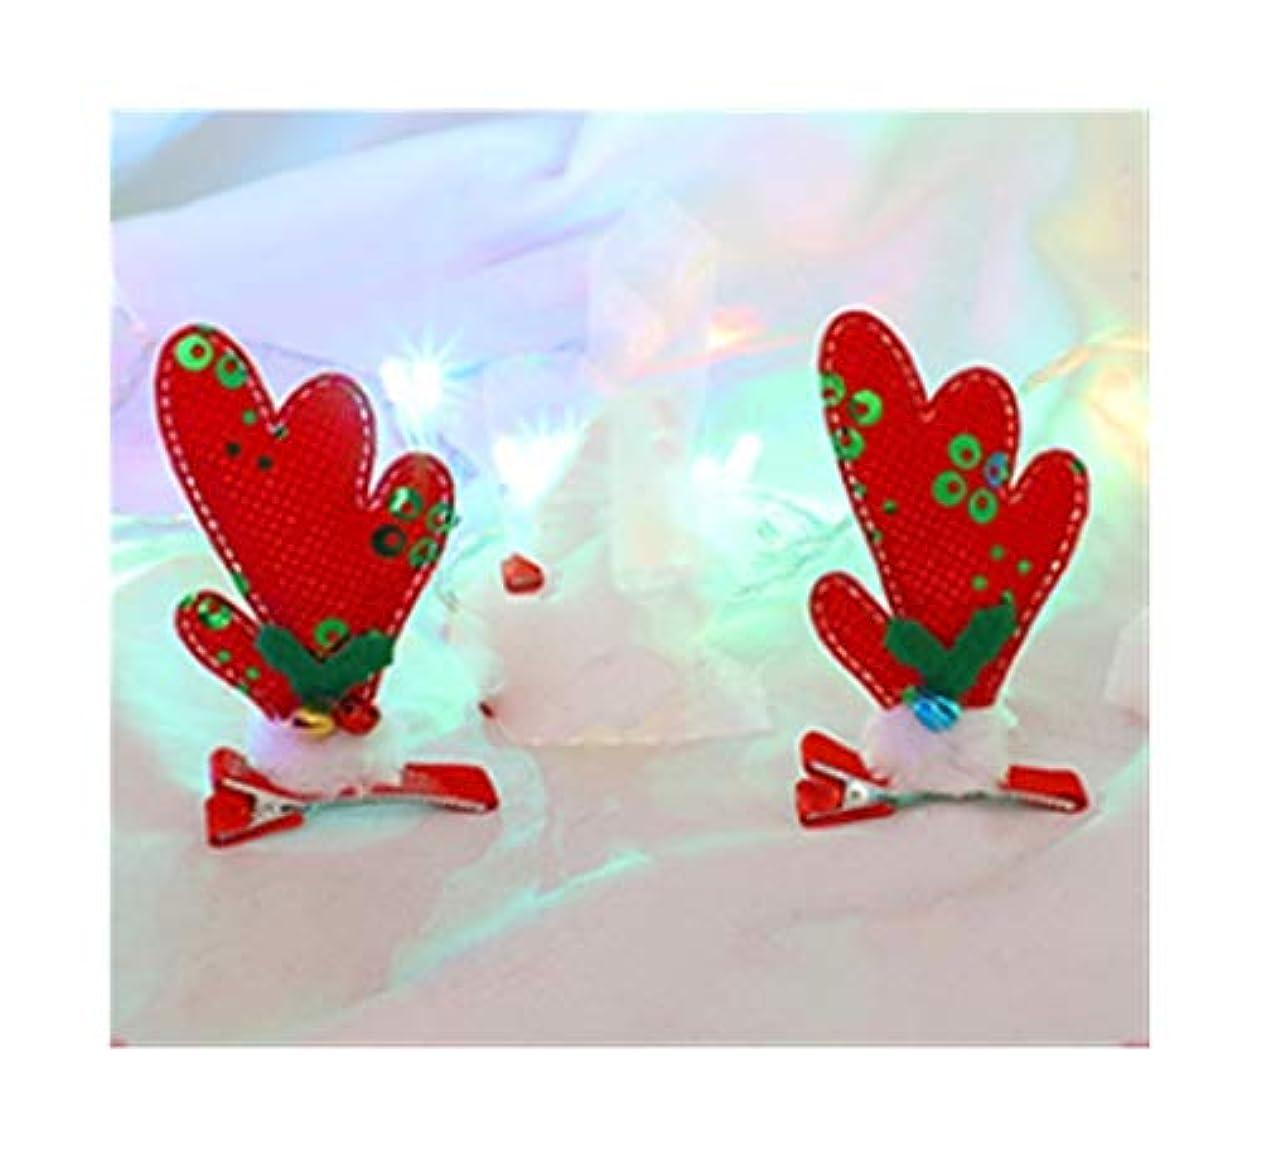 説教セットする先入観エルクヘアピンクリスマス枝角ヘッドドレス子供たちは、装飾女性の生地創造のヘアアクセサリーの女の子のカードを着用します (スタイル : B)